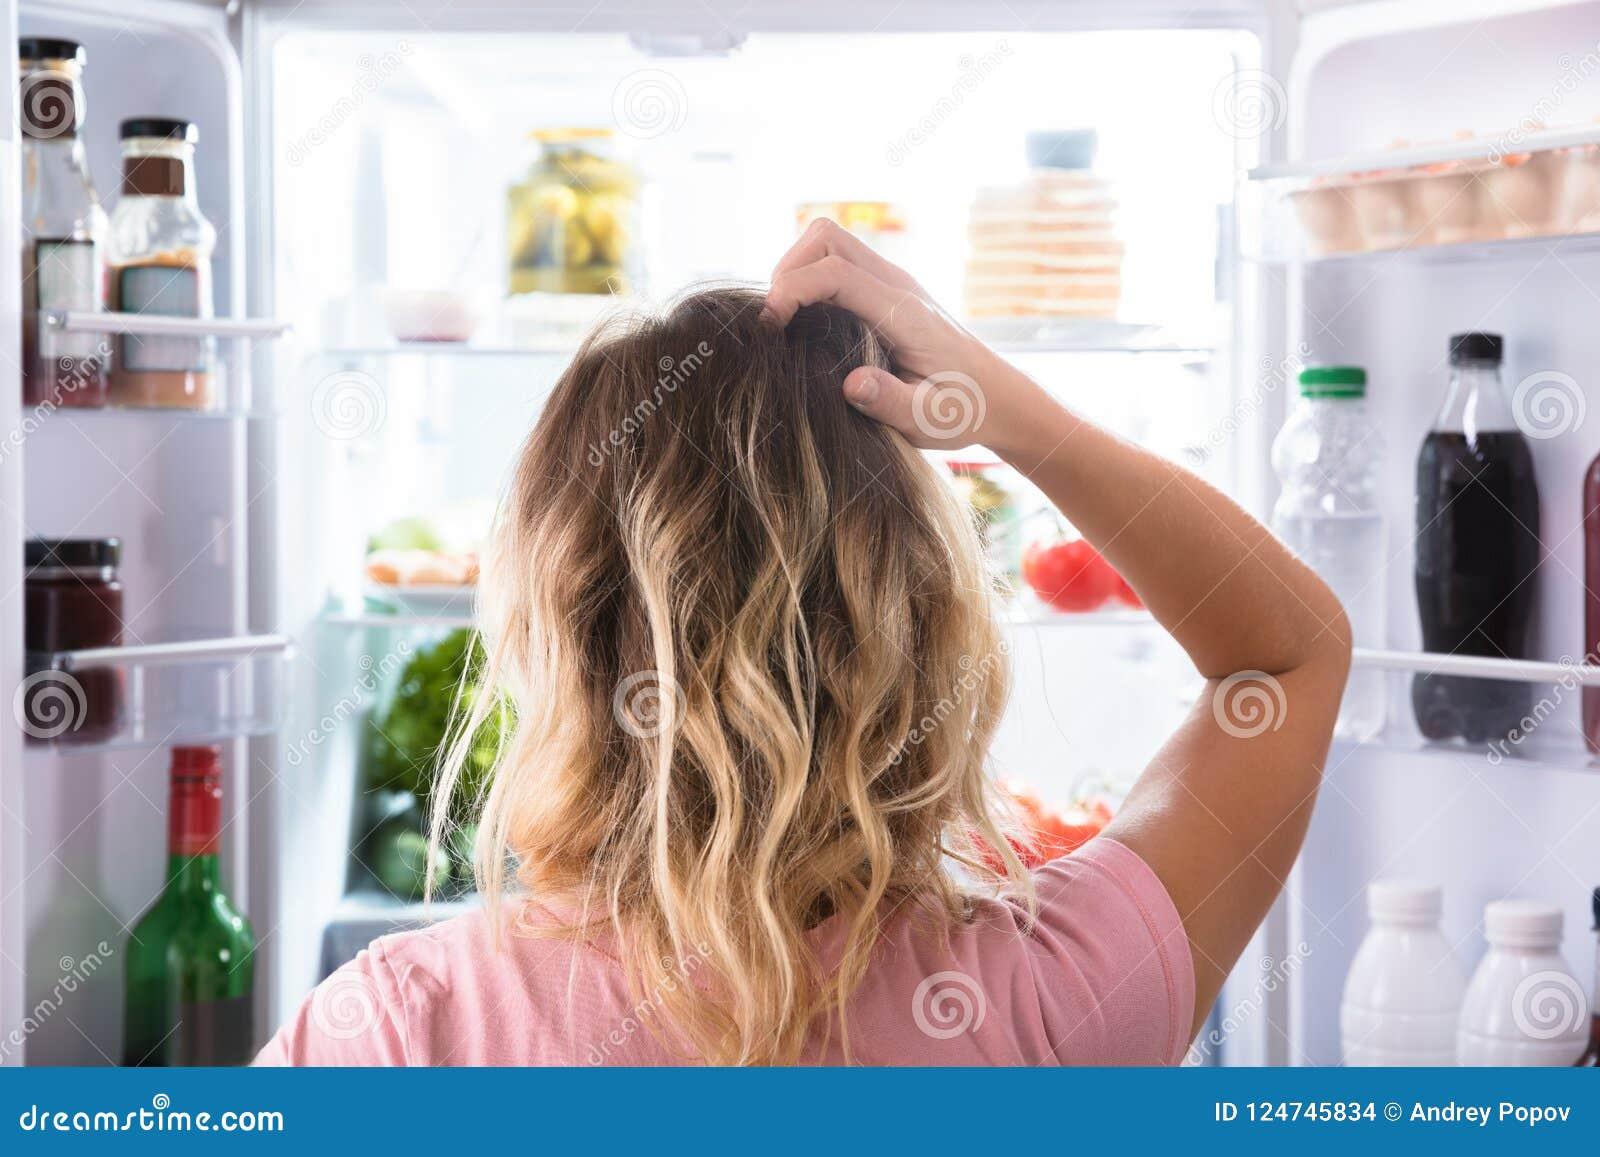 Ταραγμένη γυναίκα που κοιτάζει στο ανοικτό ψυγείο